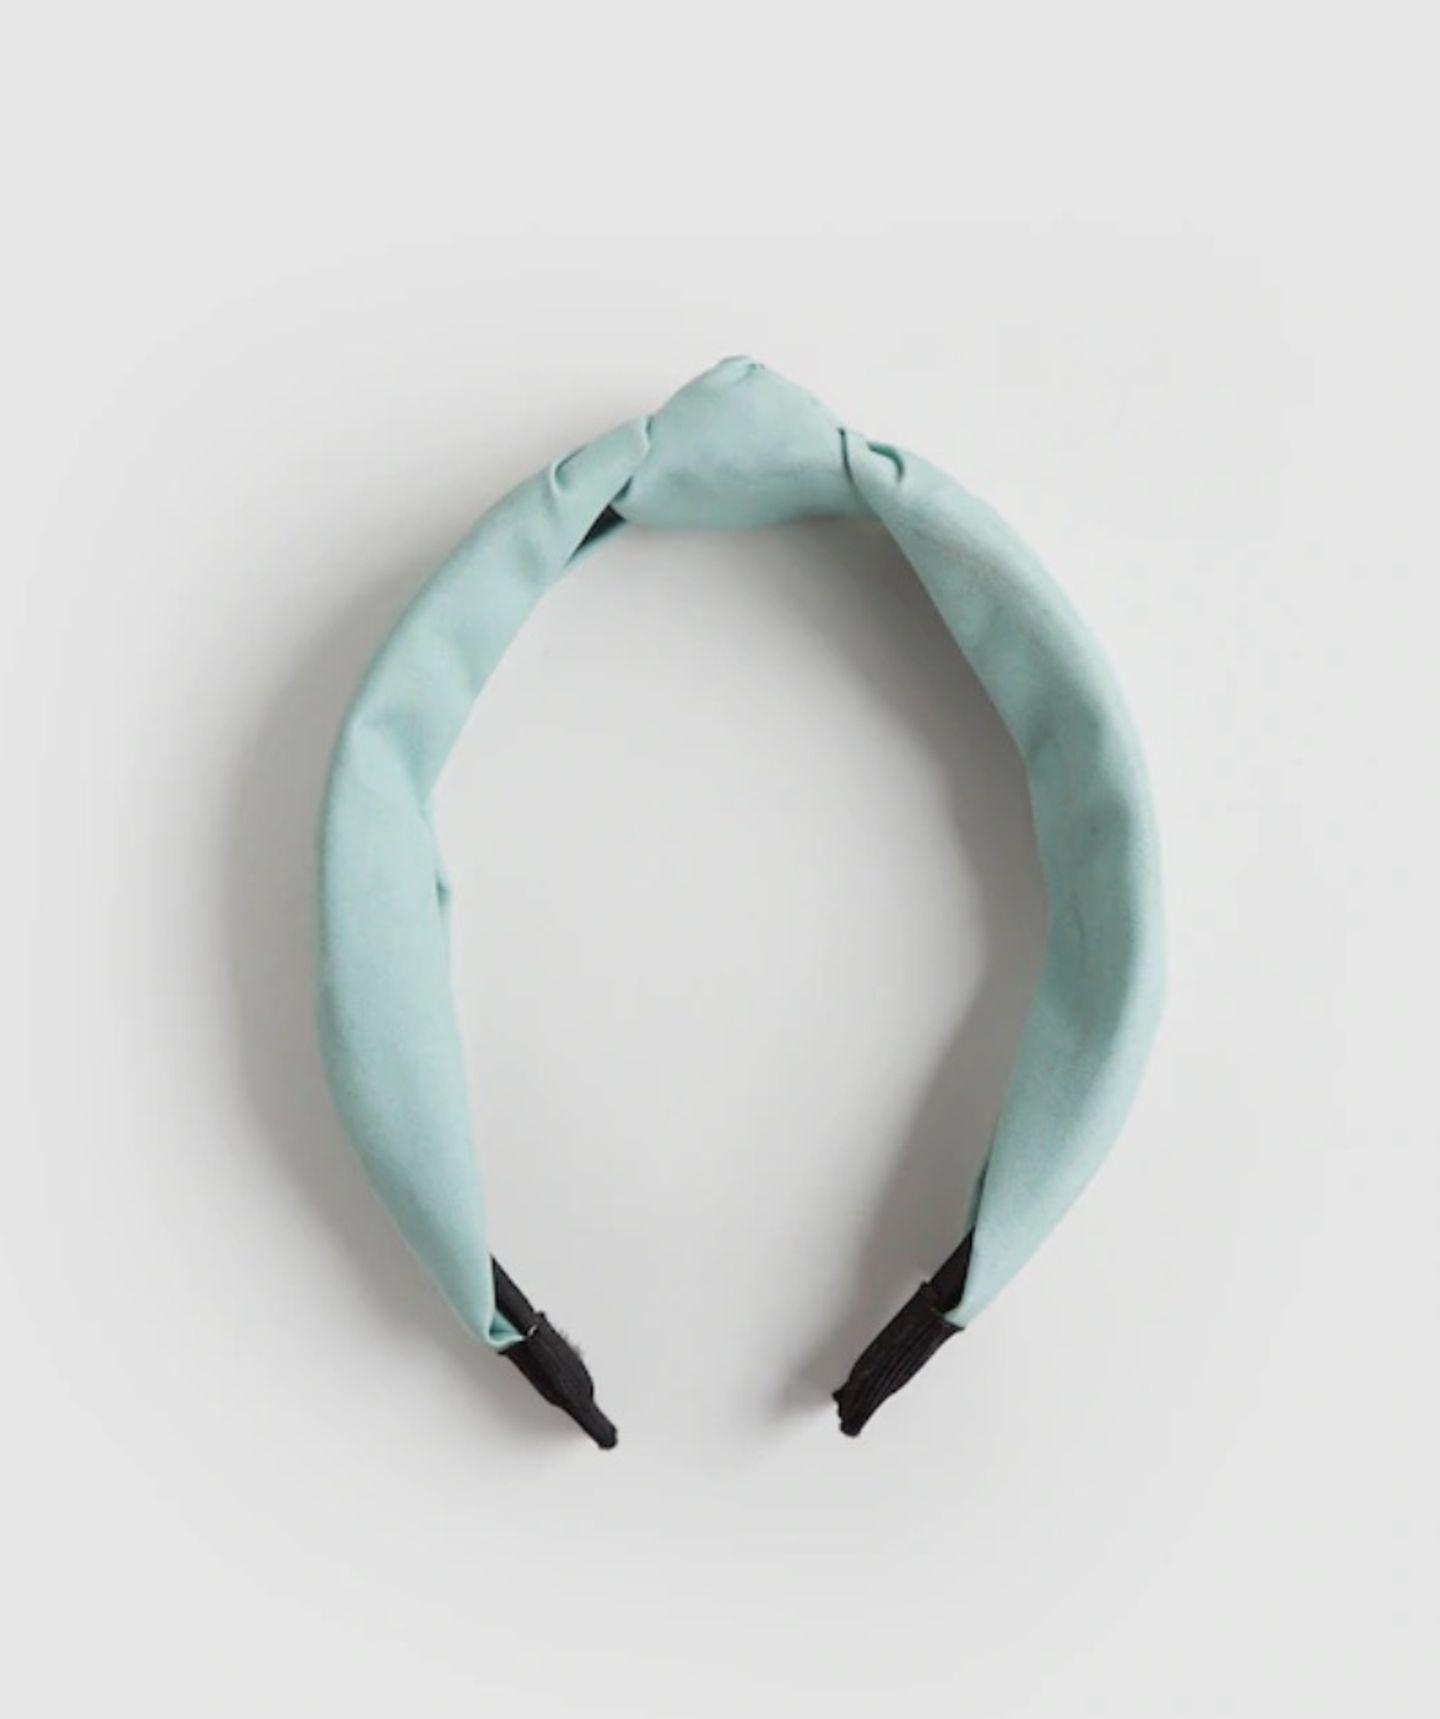 Accessoires für Curvys: Haarreif